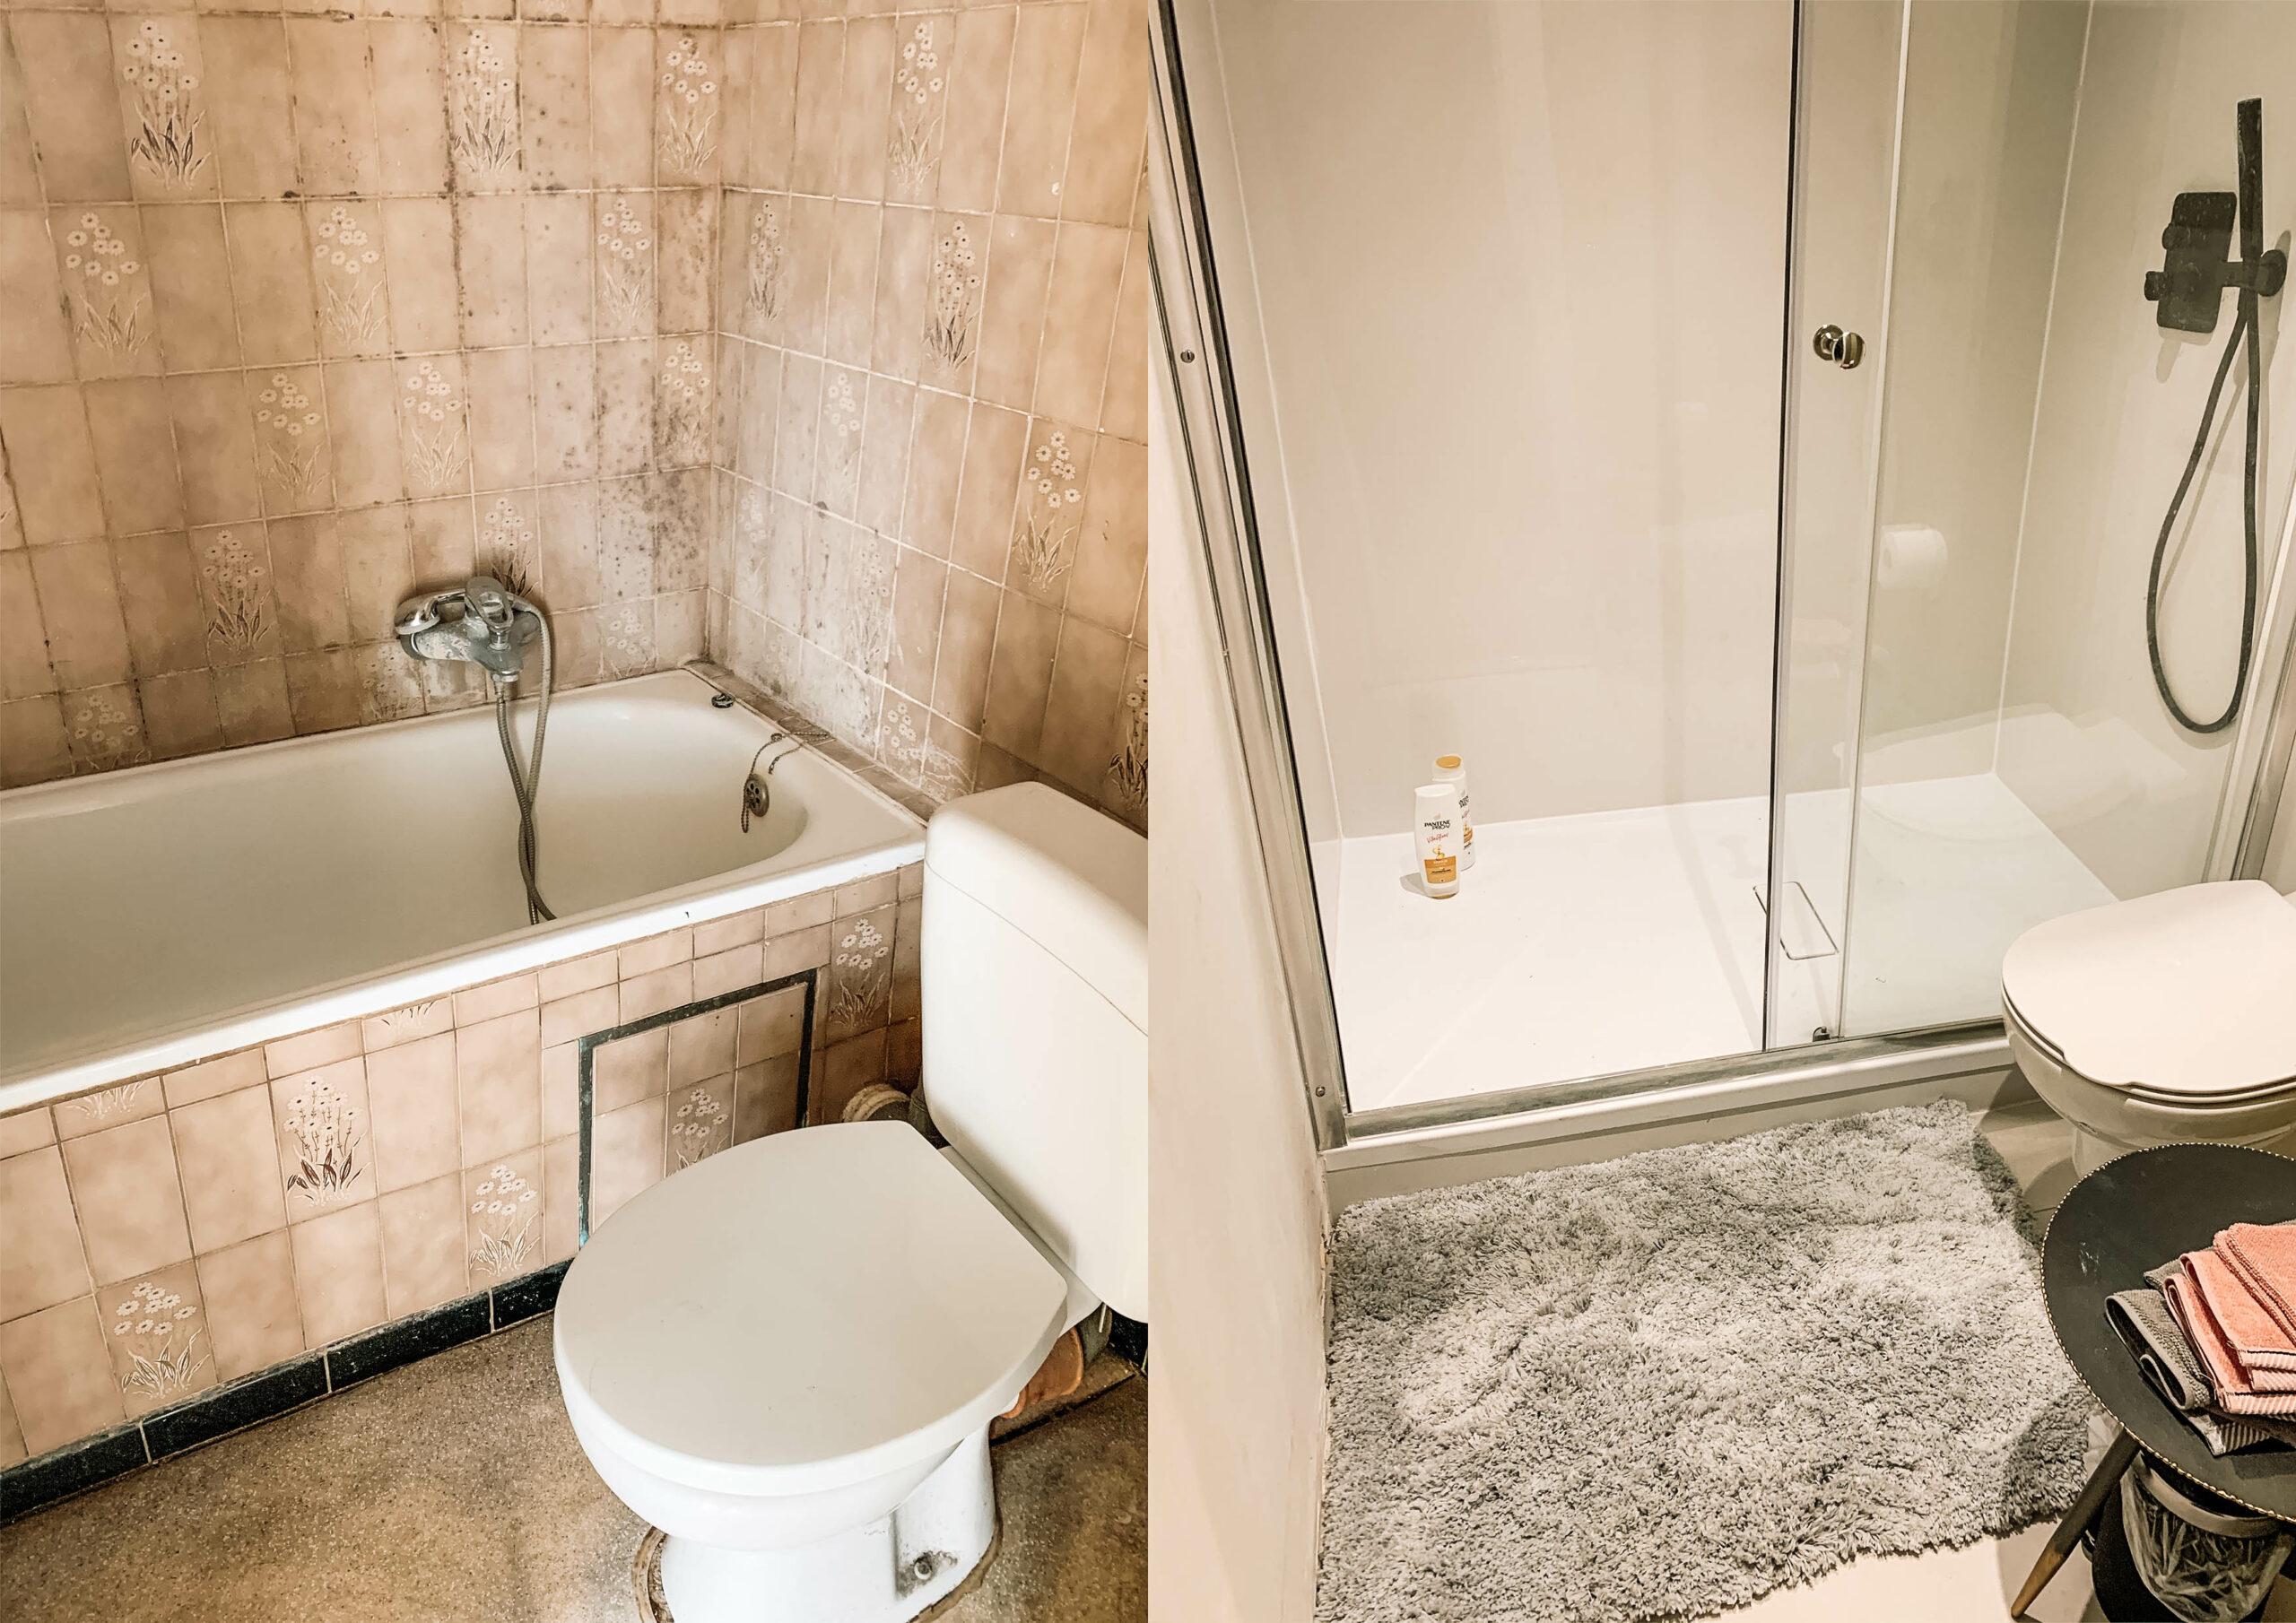 badkamer-renovatie-sanitair-wc-douche